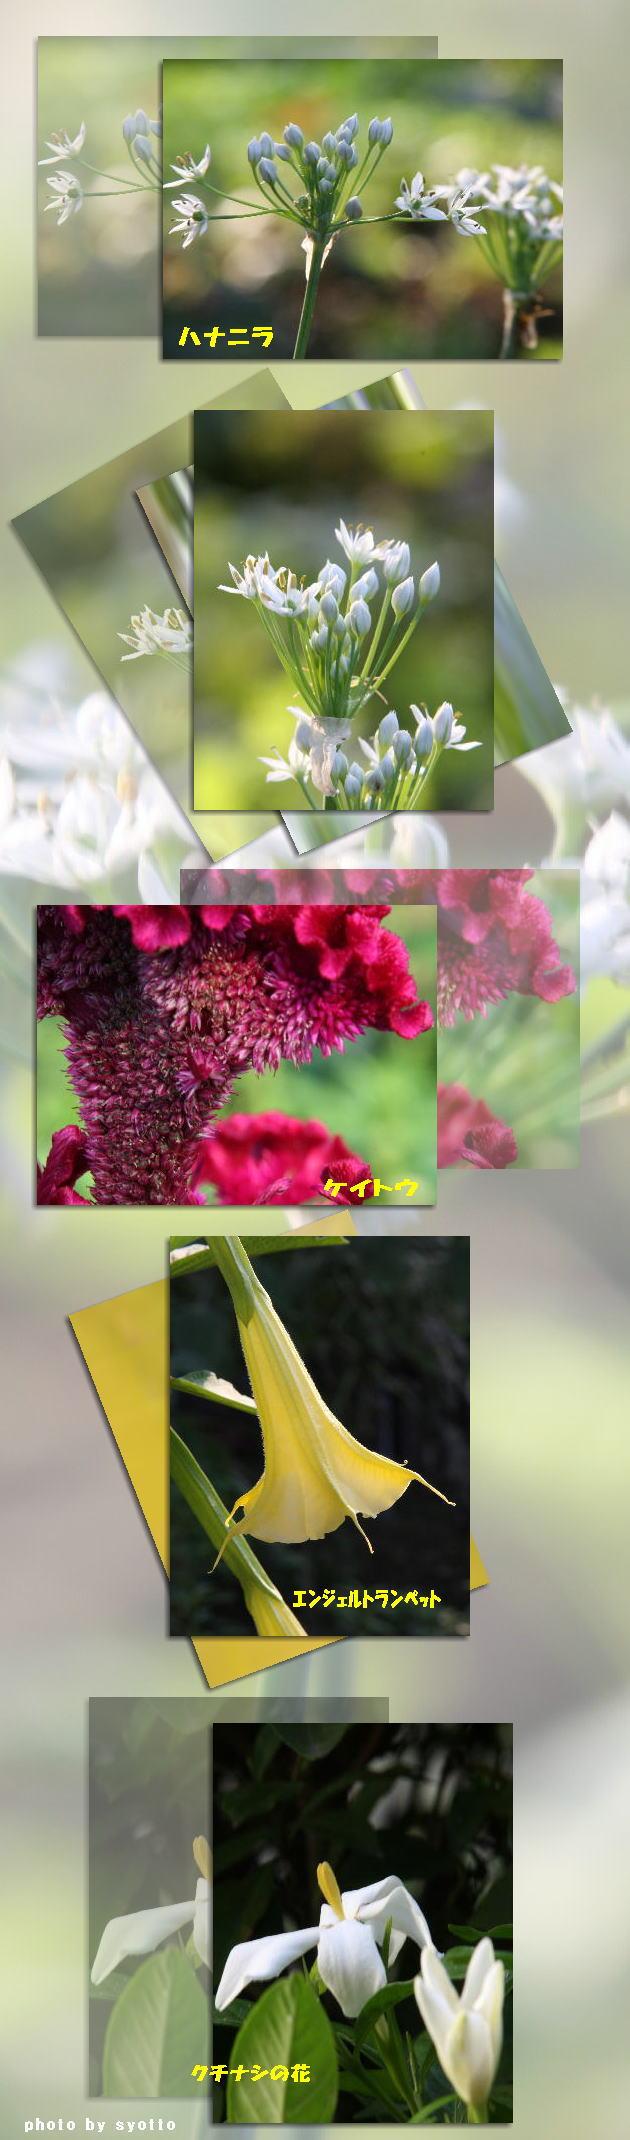 f0164592_22152238.jpg